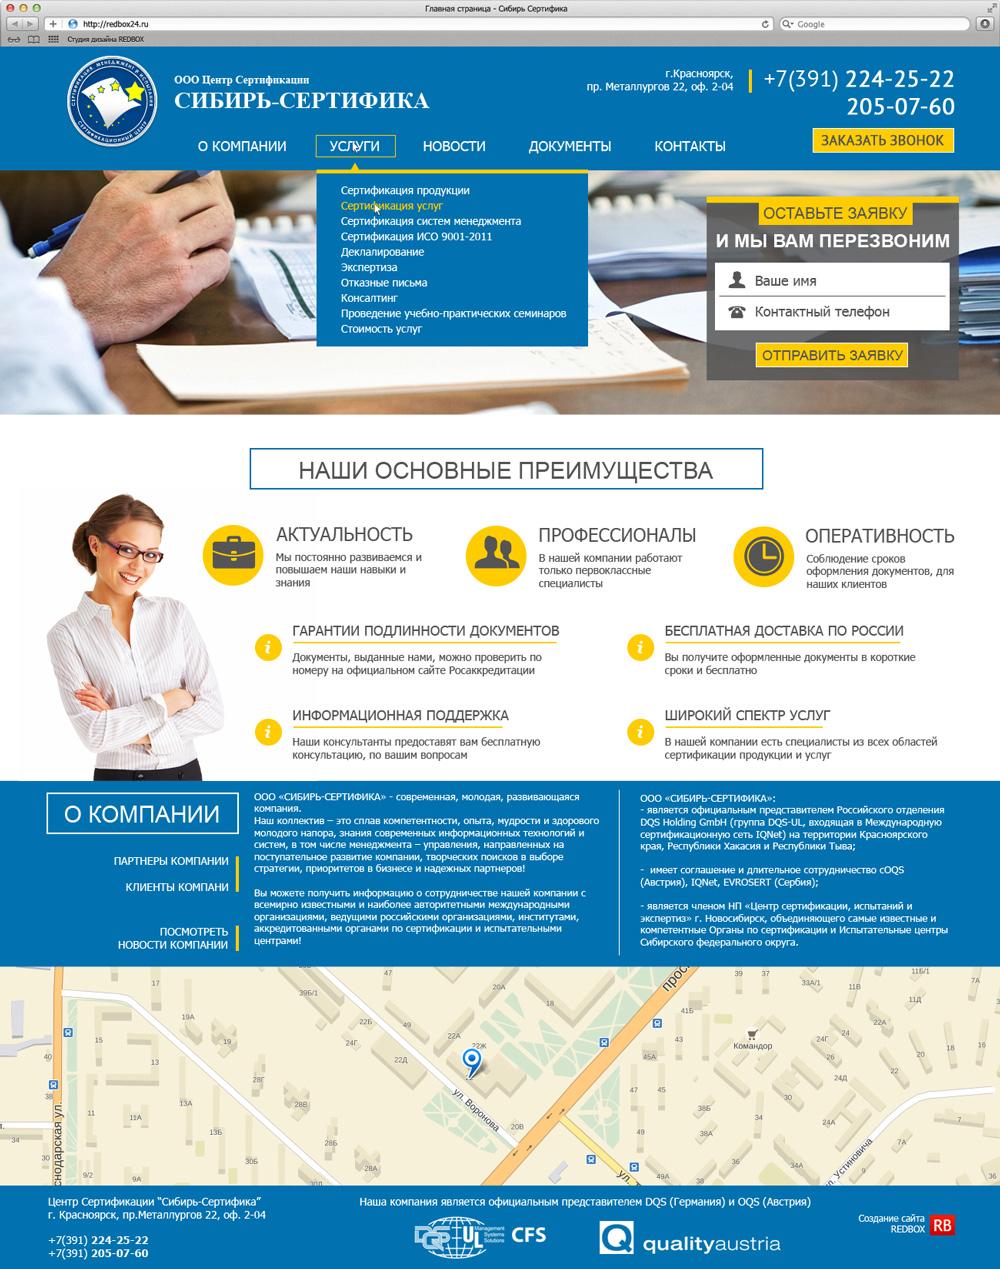 Главная страница сайта для предоставлению услуг сертификации